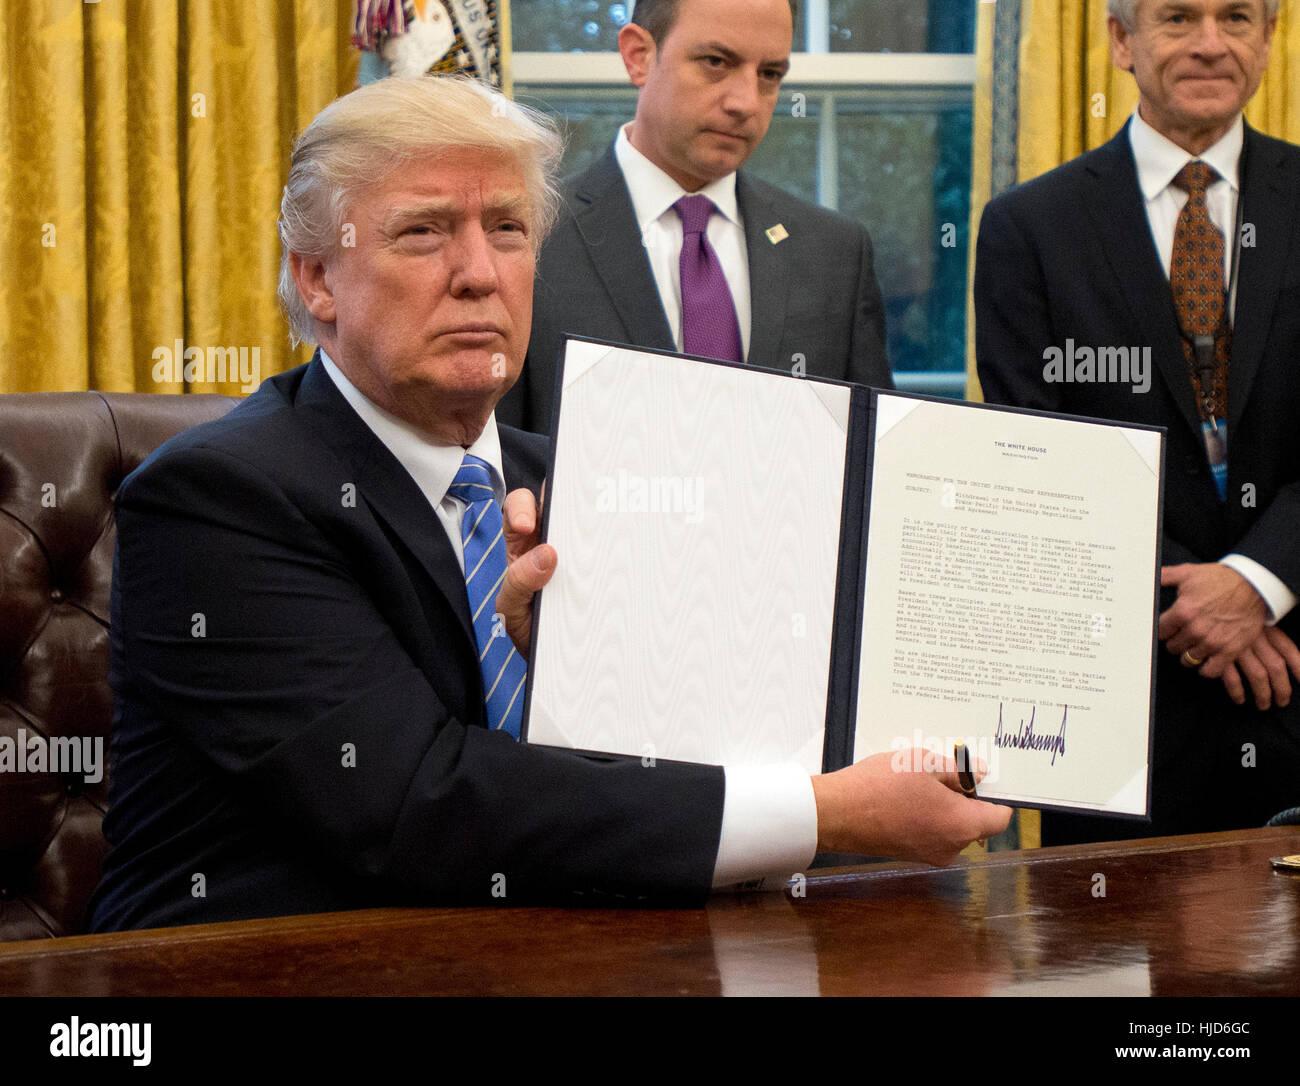 Los abortos en el extranjero. 23 ene, 2017. El Presidente de Estados Unidos, Donald Trump muestra la orden ejecutiva Imagen De Stock